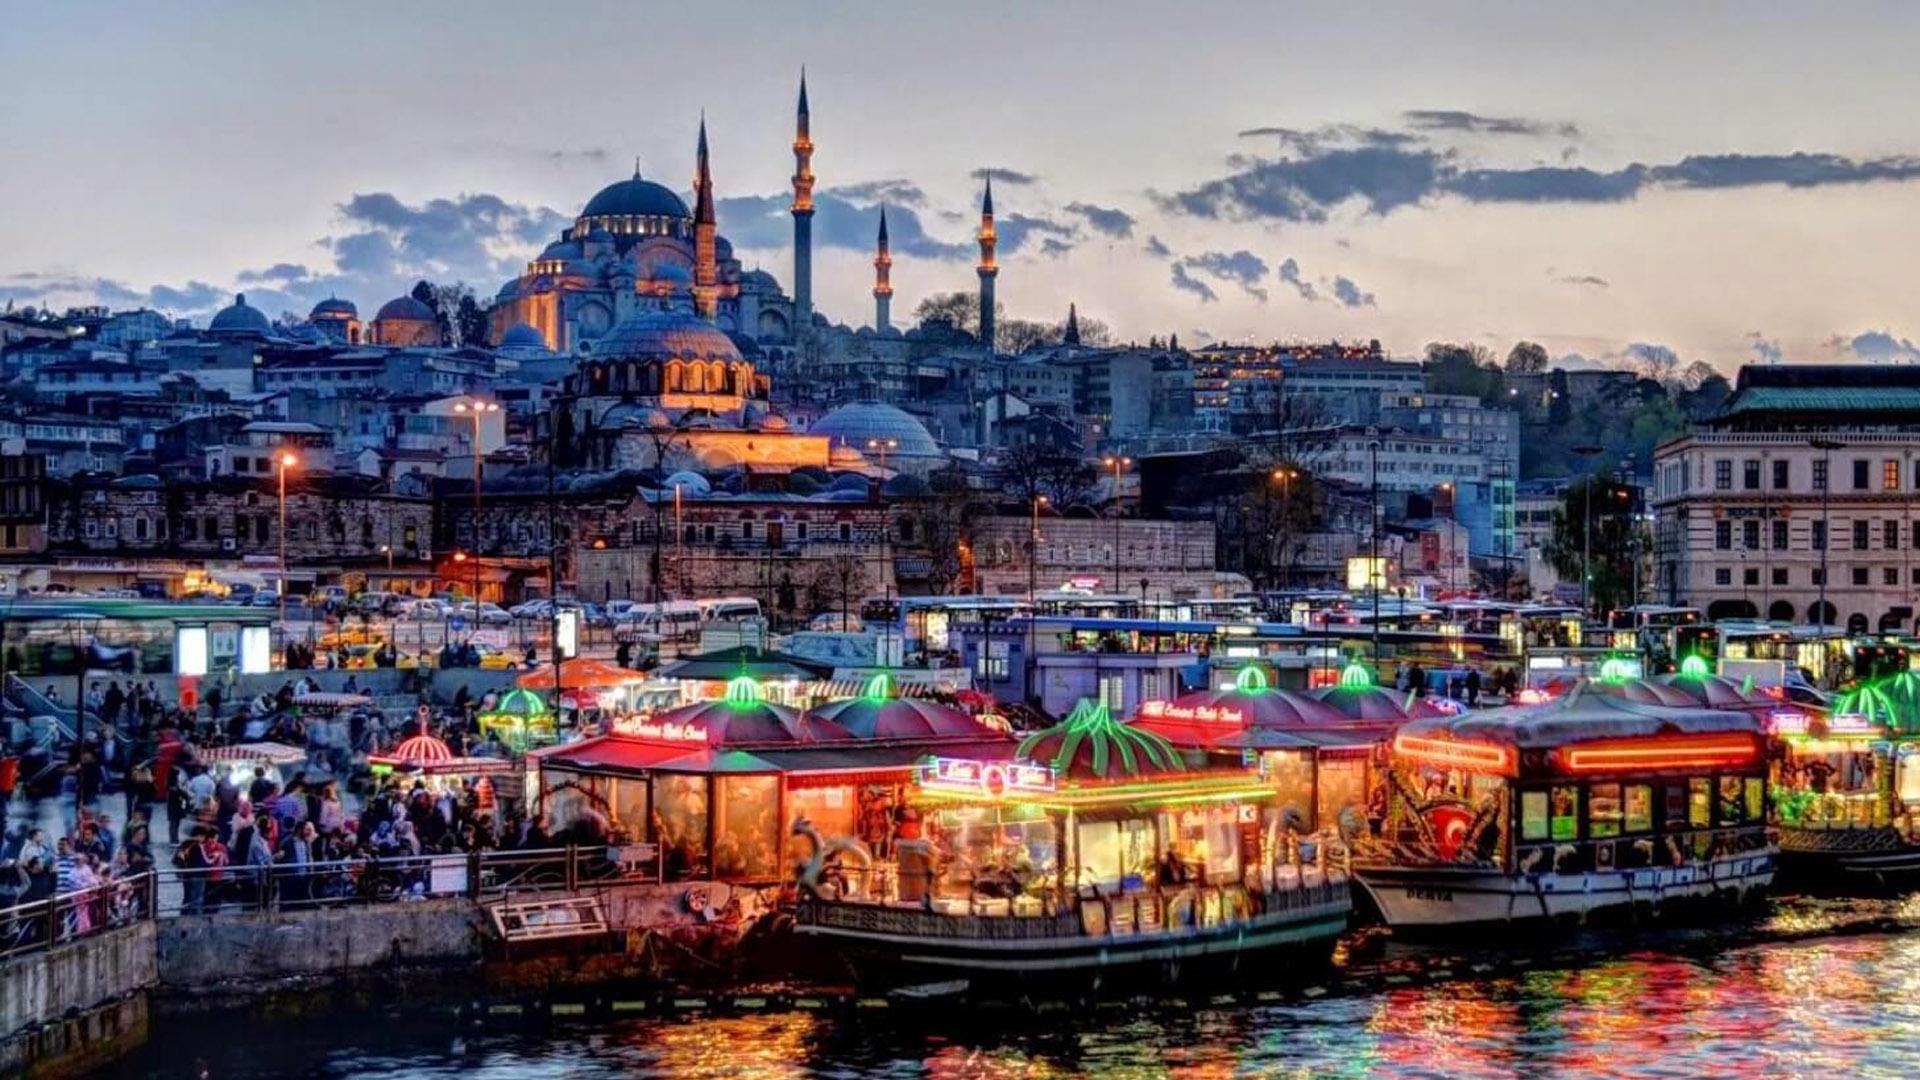 Κωνσταντινούπολη - 28η Οκτωβρίου